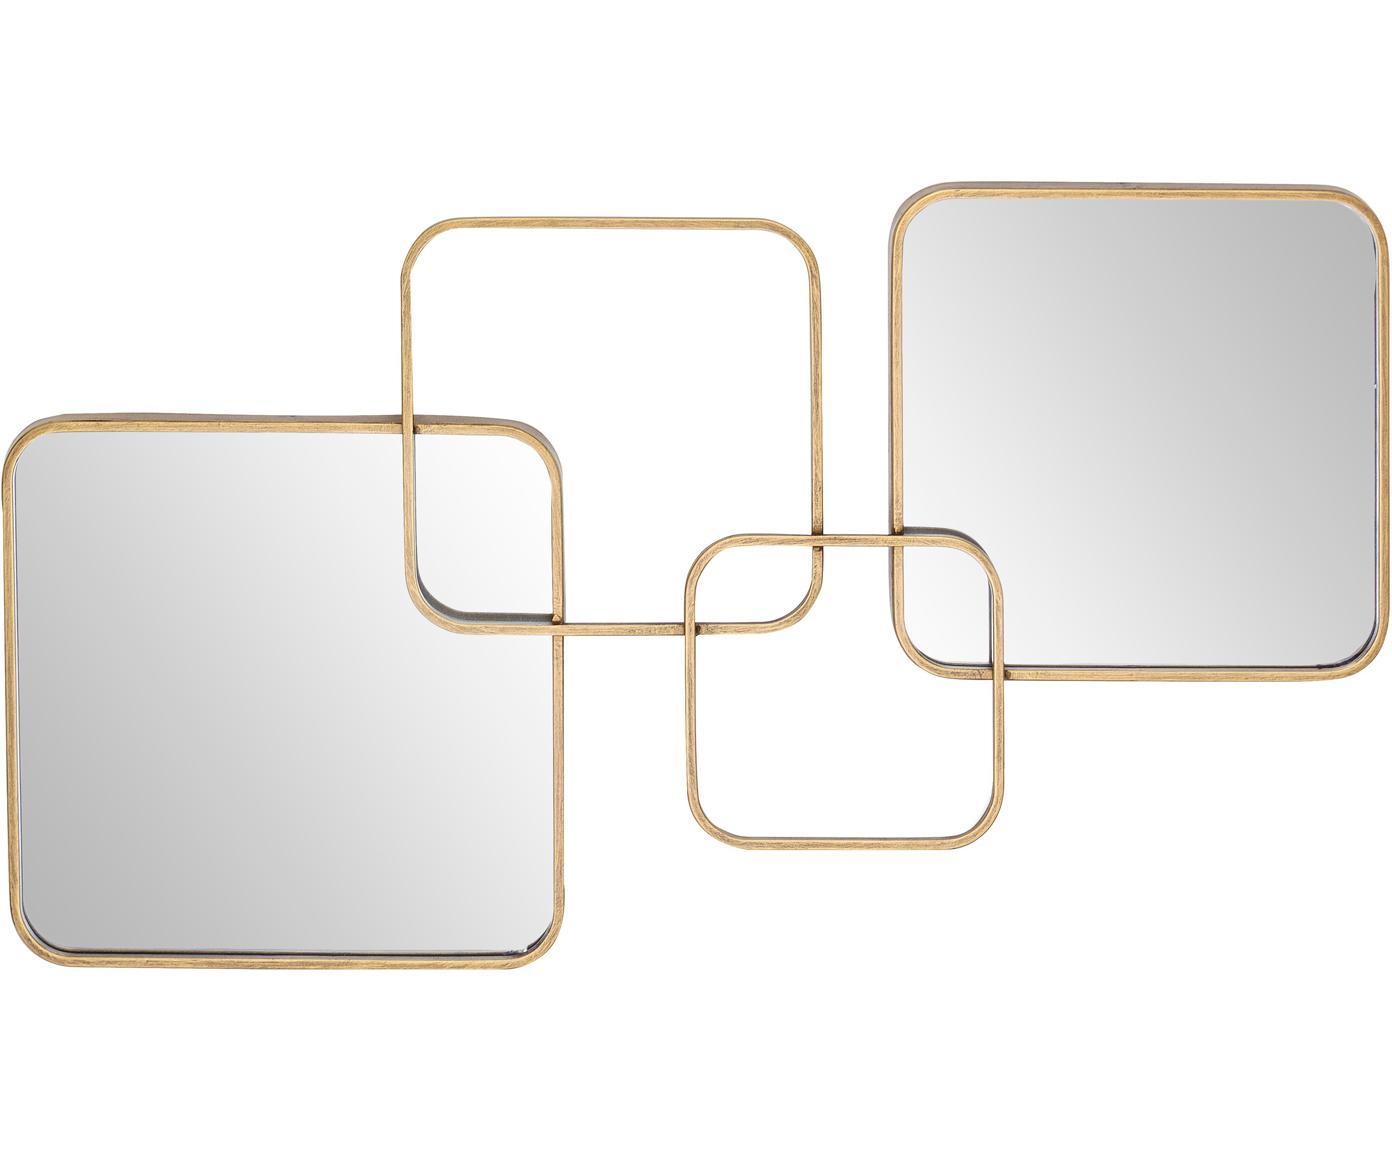 Specchio da parete Oralie, Cornice: metallo rivestito, Superficie dello specchio: lastra di vetro, Ottonato, Larg. 70 x Alt. 40 cm